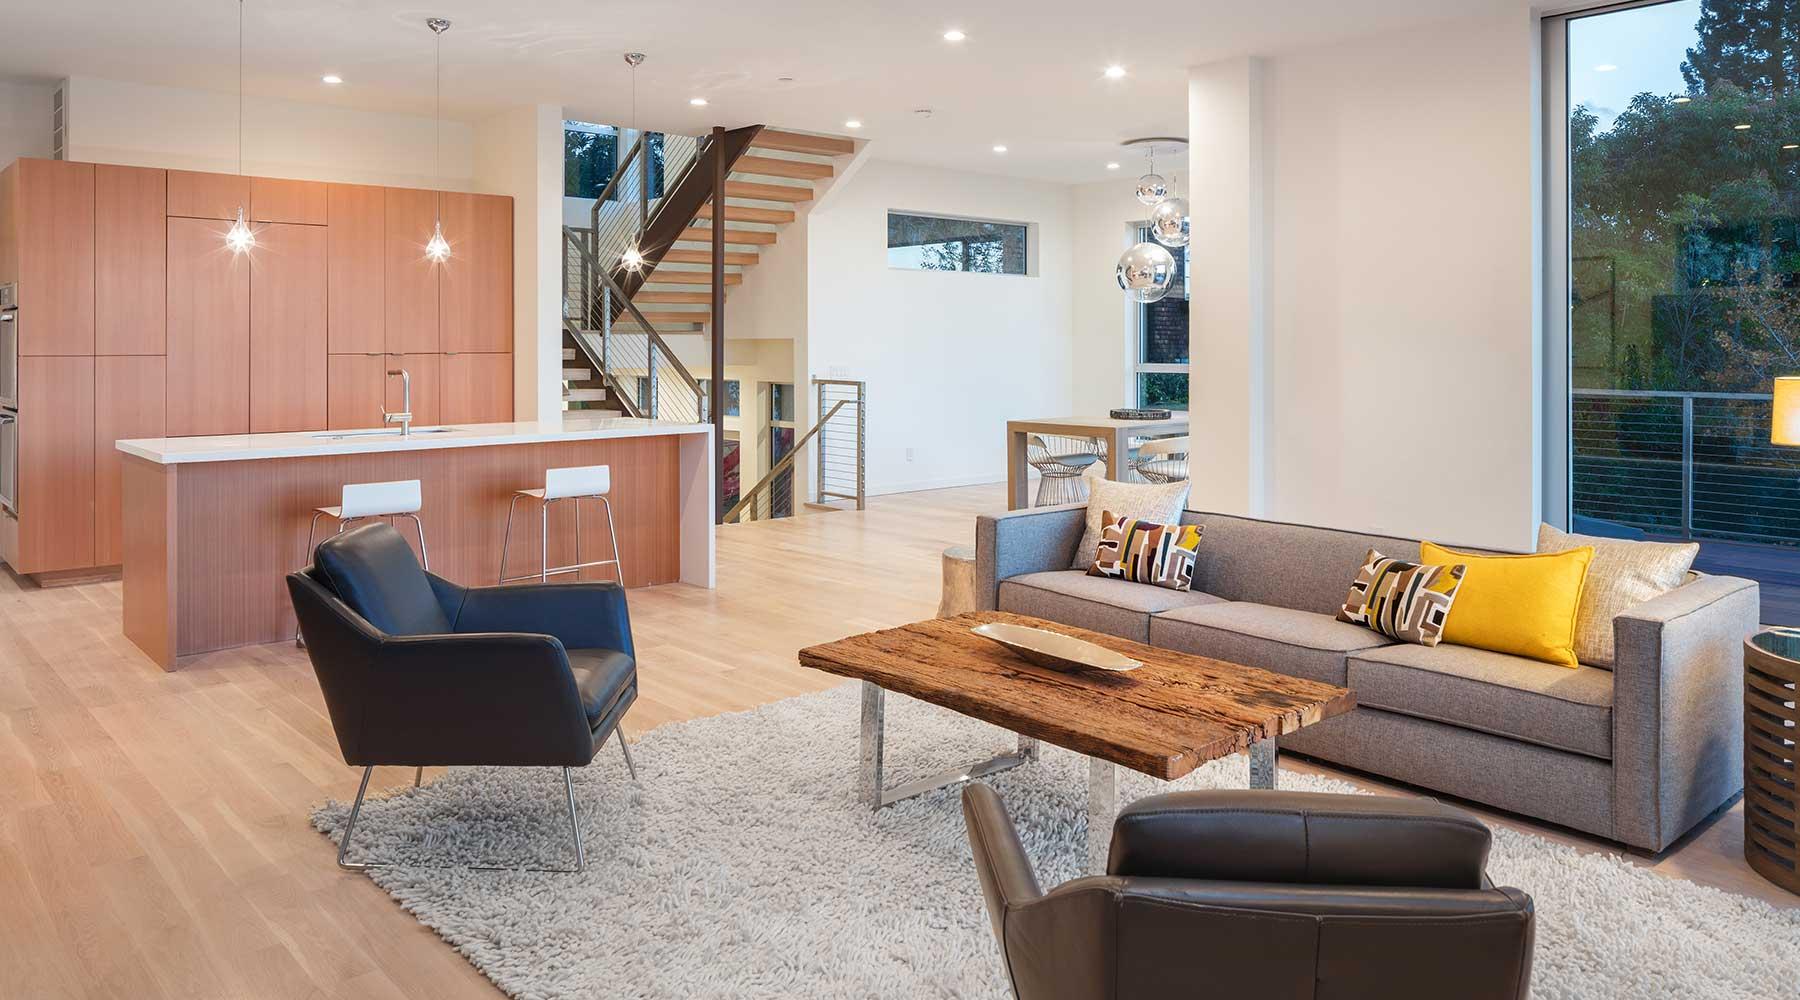 salotto moderno open space con un divano grigio, due poltrone,un tavolino rettangolare in legno in fondo una penisola in legno e vista di una scala che va al piano superiore